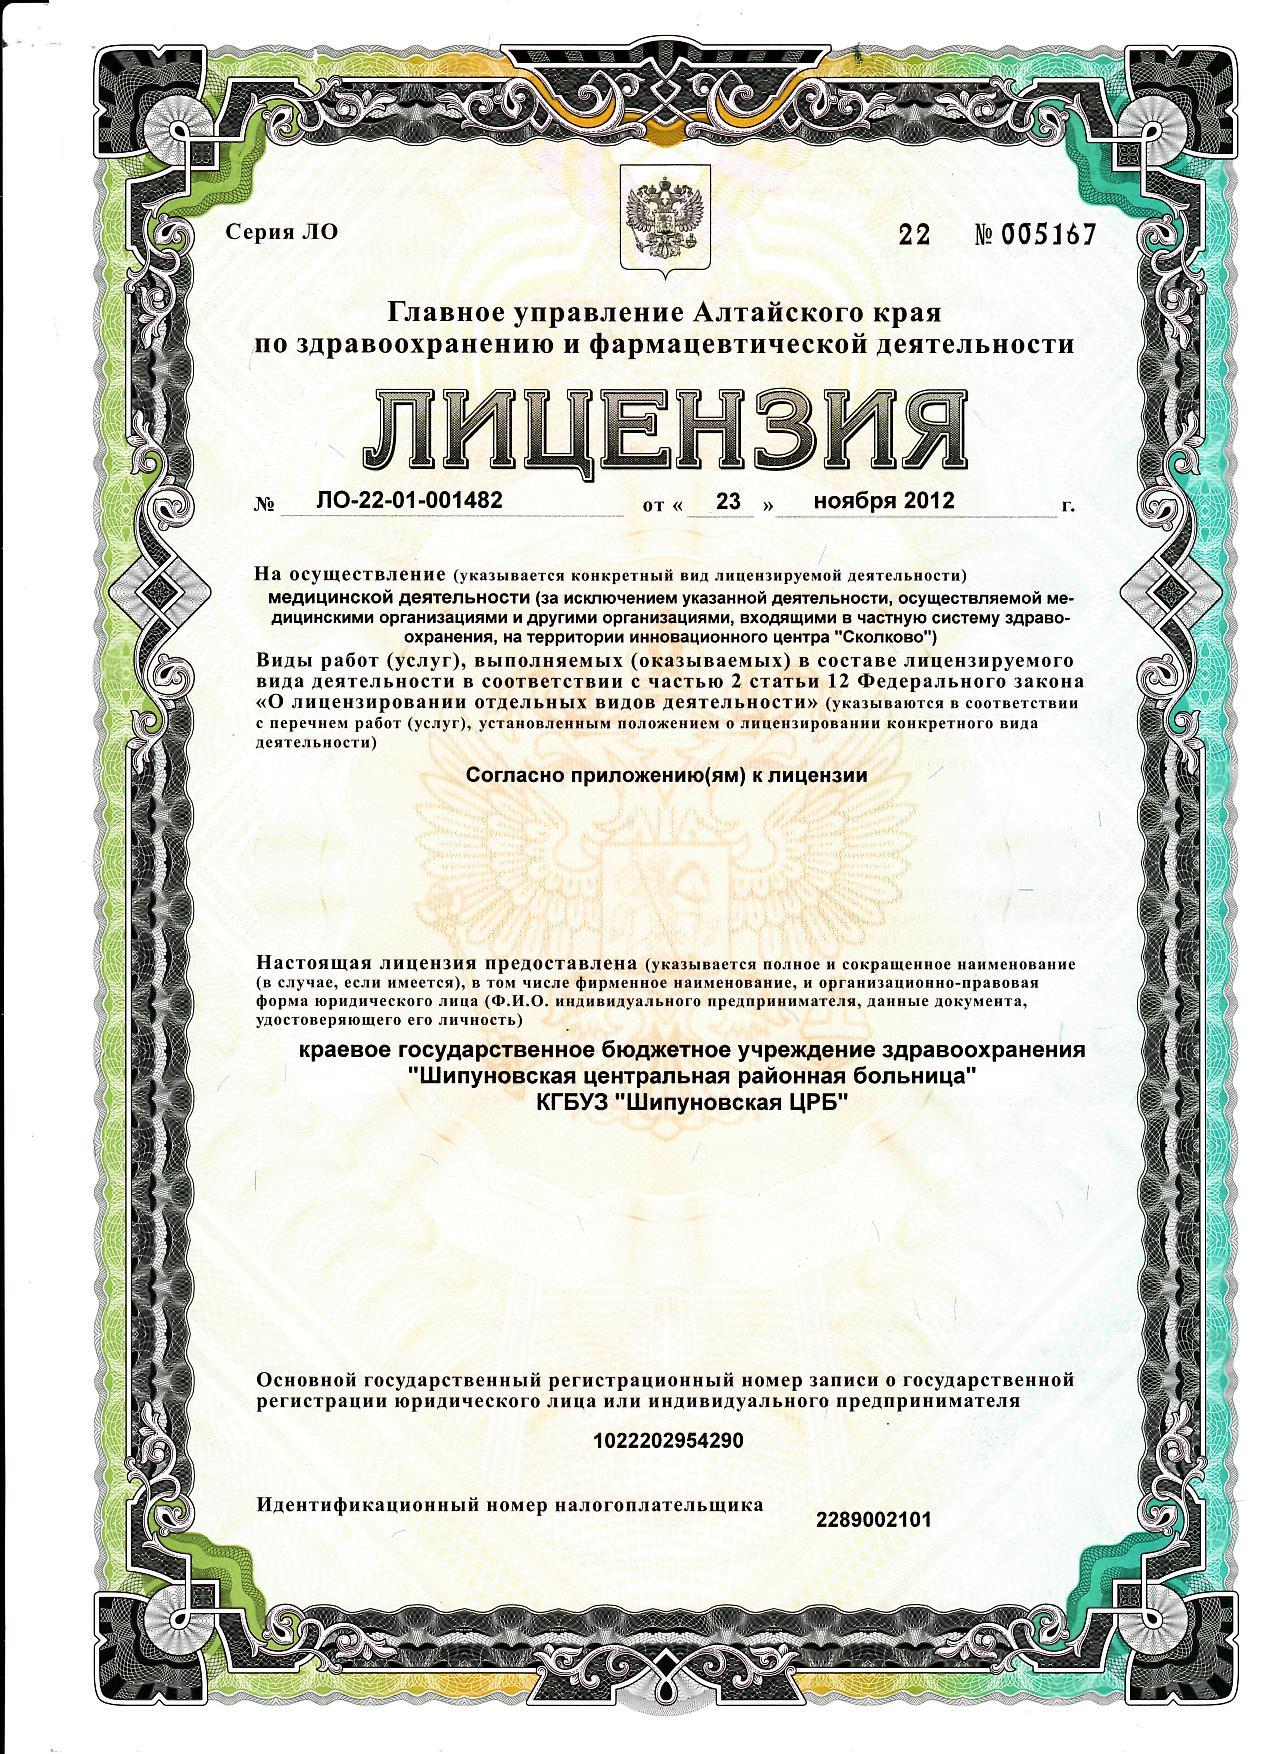 Бородинская больница тульской области регистратура